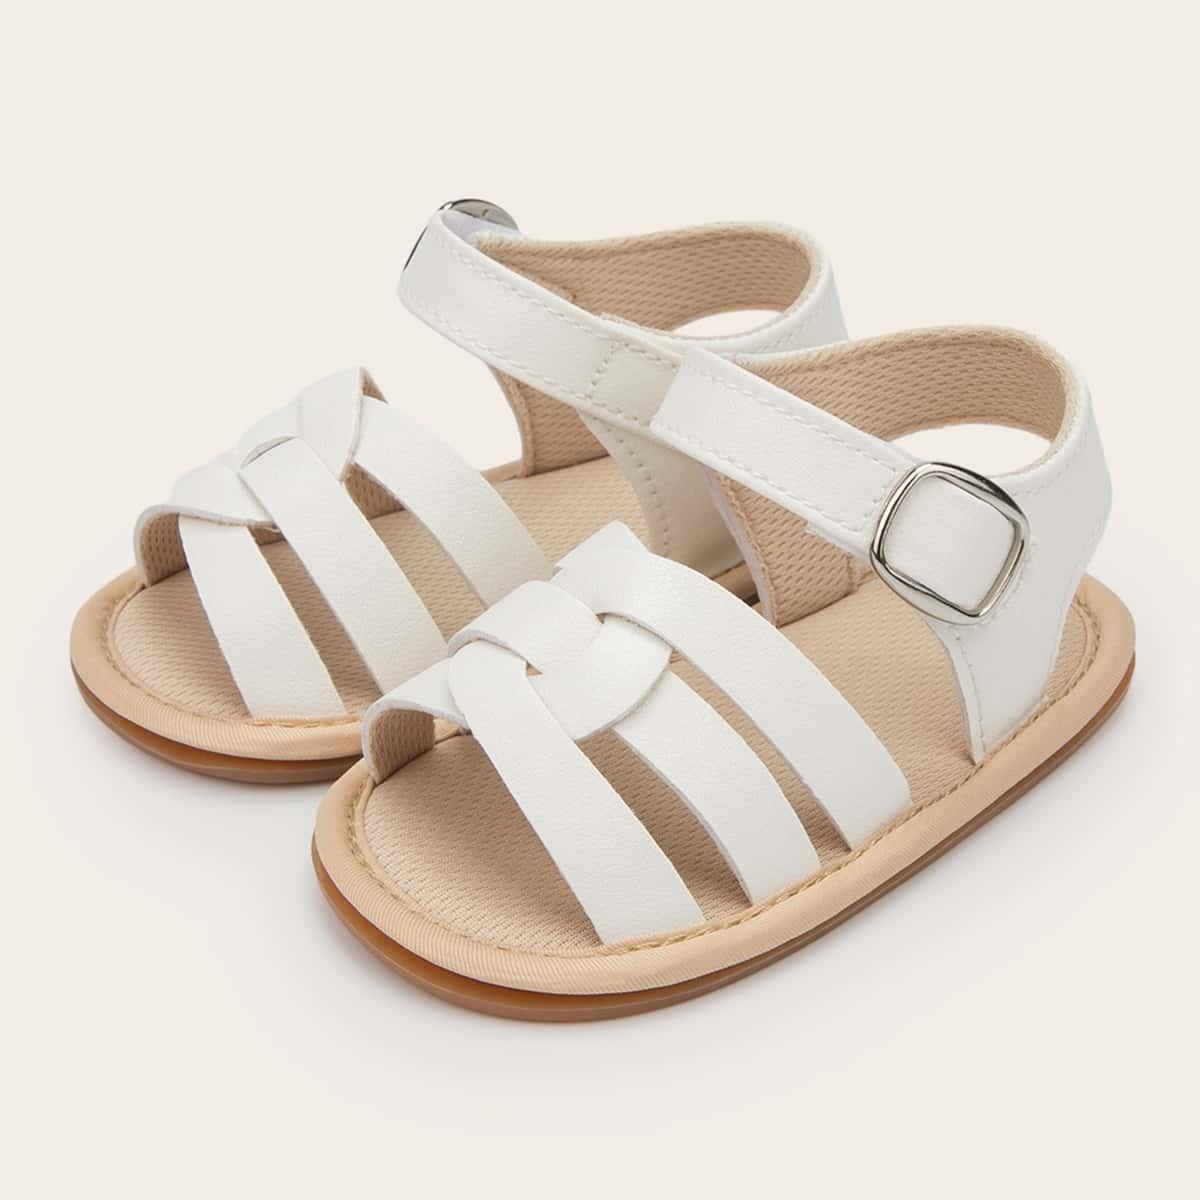 Плетеные сандалии для девочек SheIn skshoes25210521922